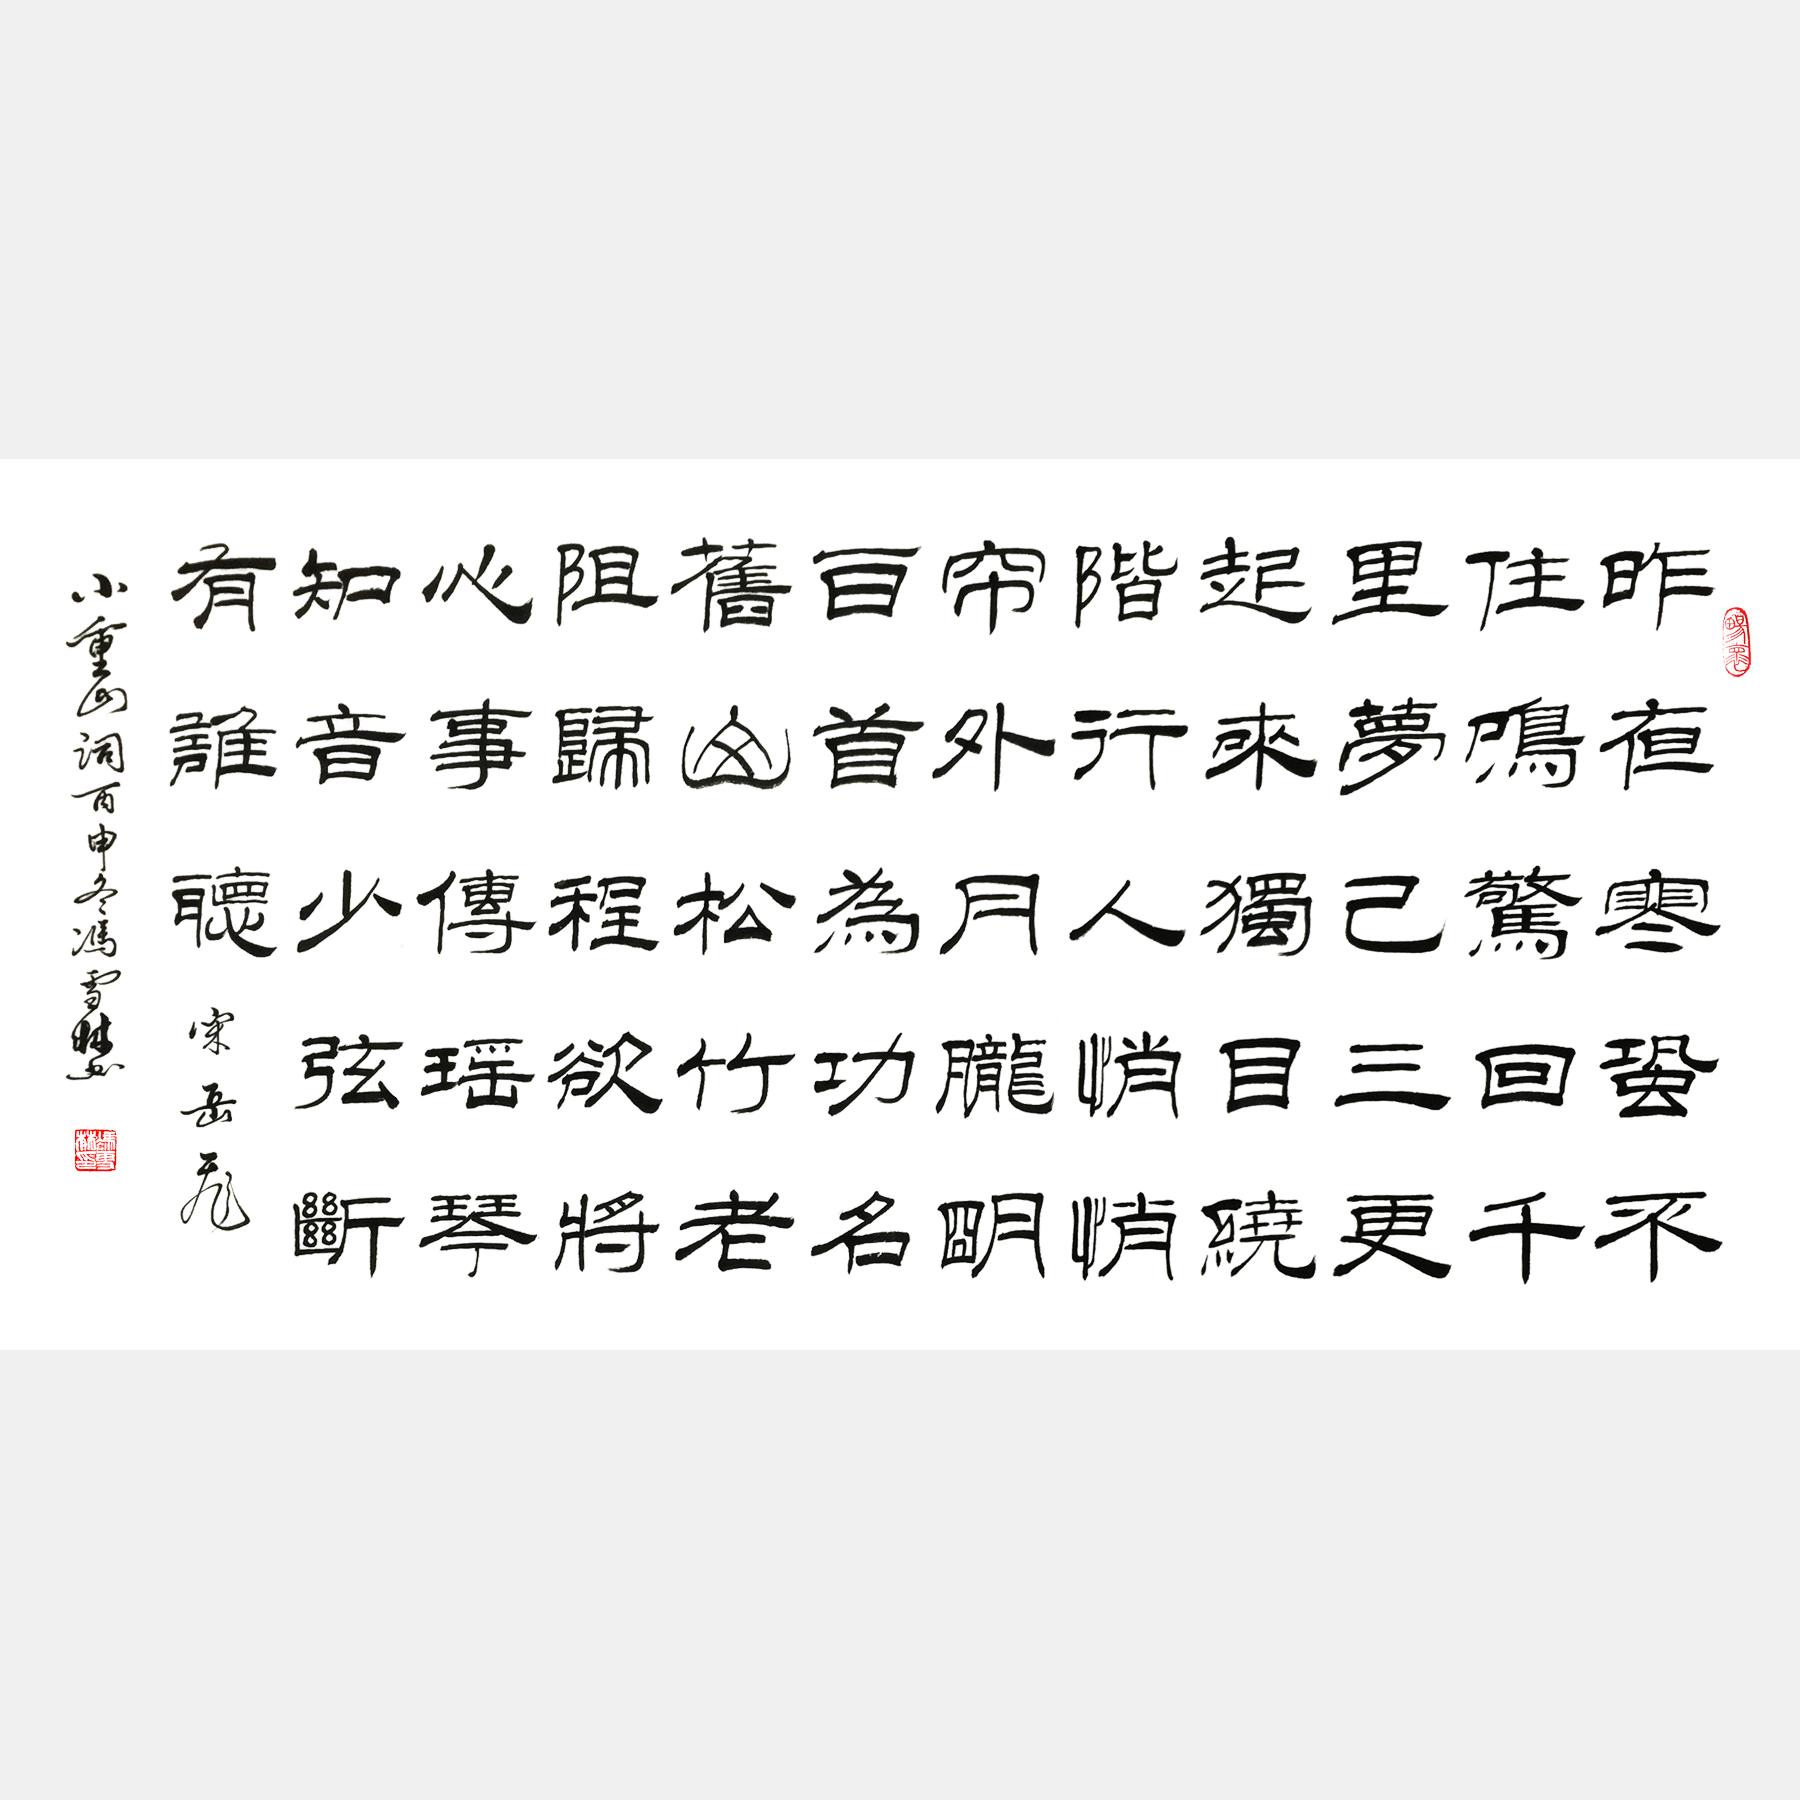 宋·岳飞《小重山·昨夜寒蛩不住鸣》书法作品